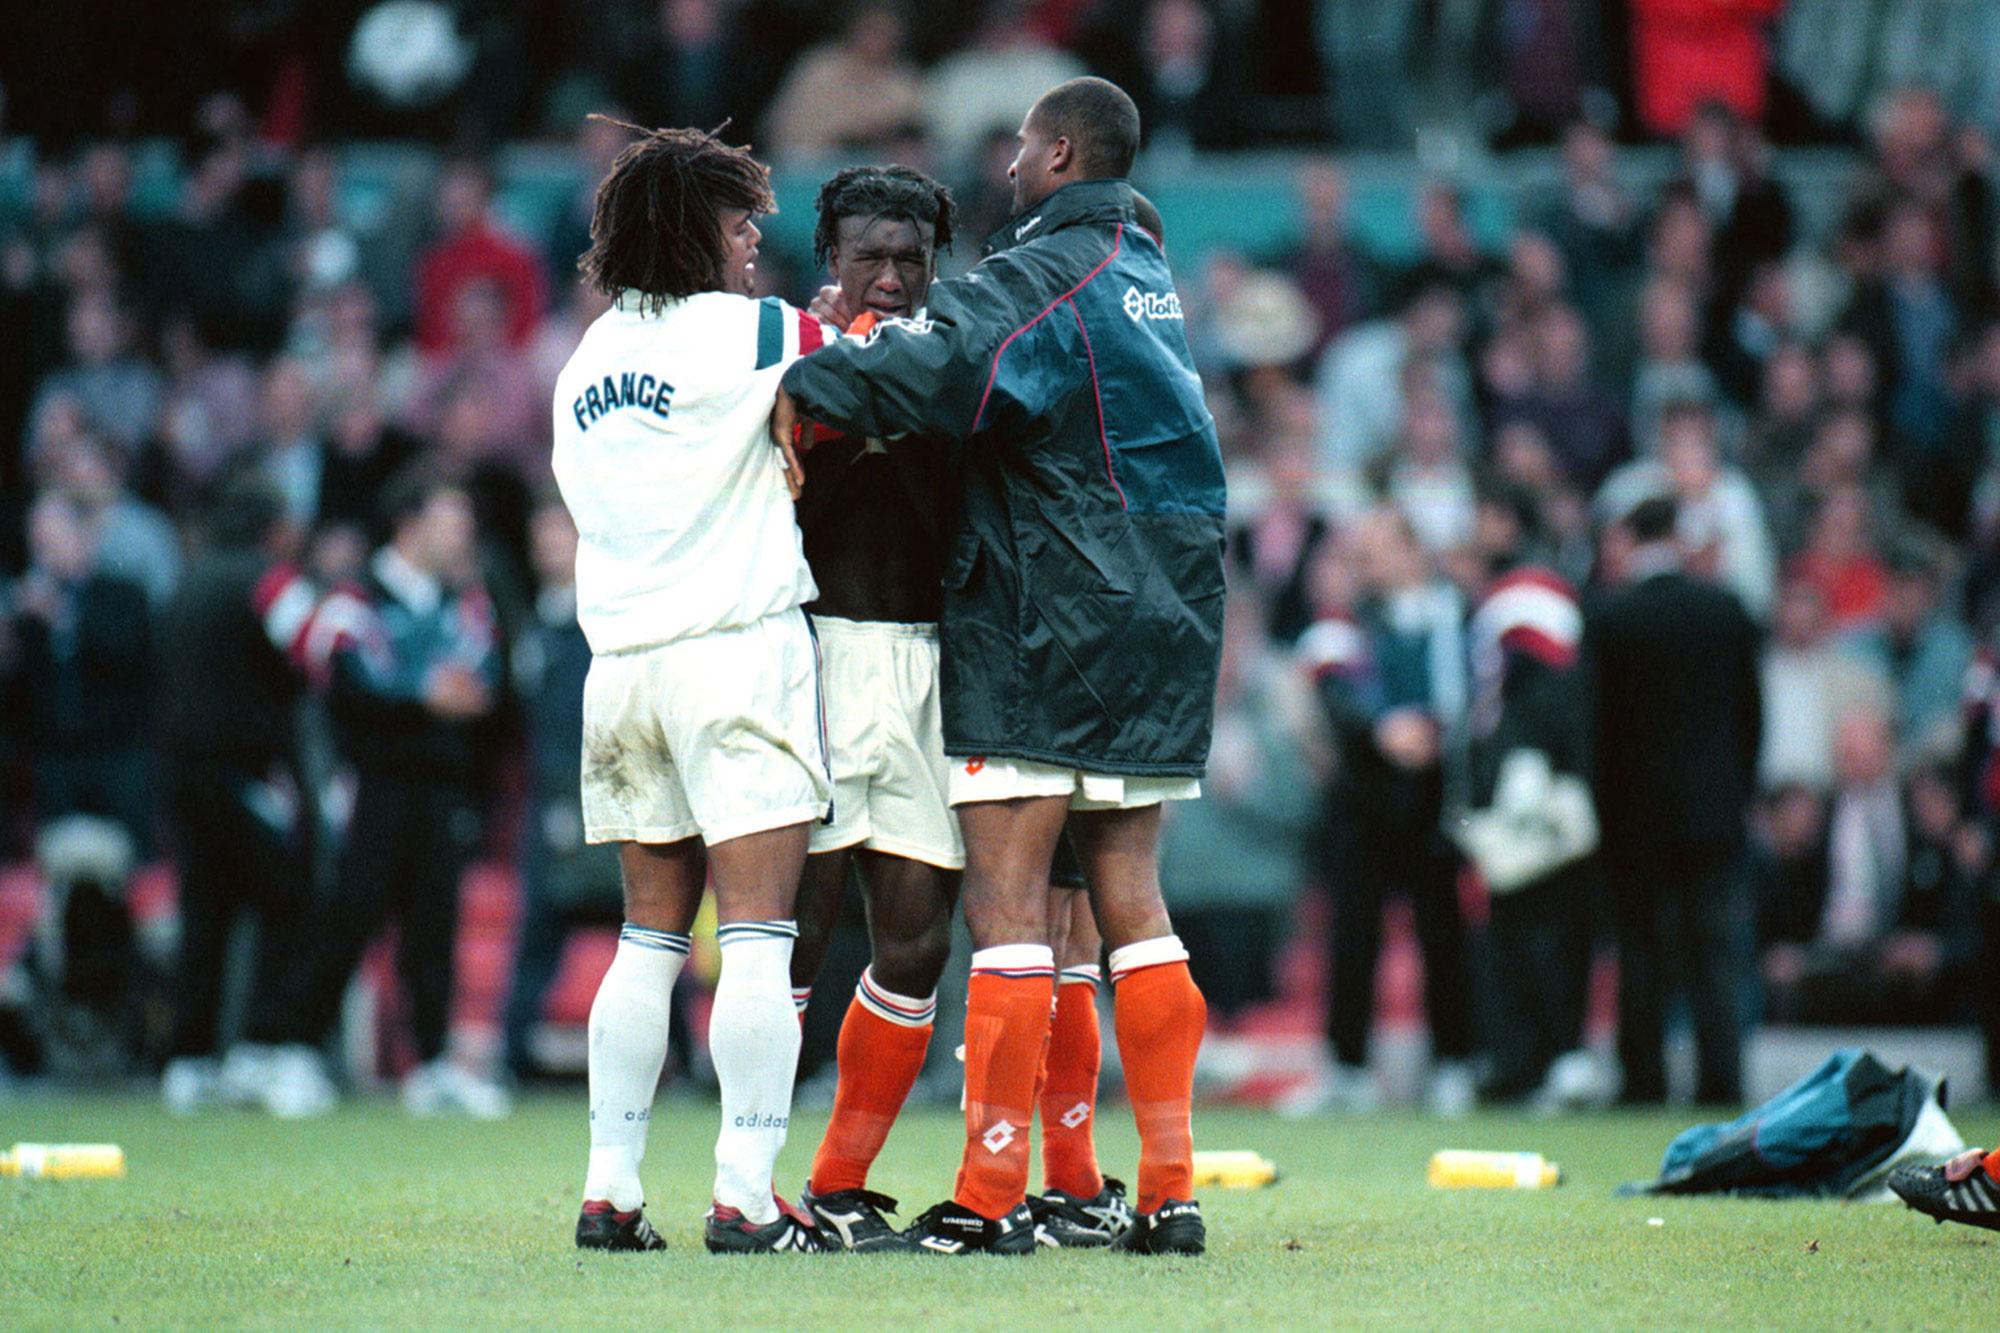 Scheidsrechter haalt twee voetballers uit elkaar